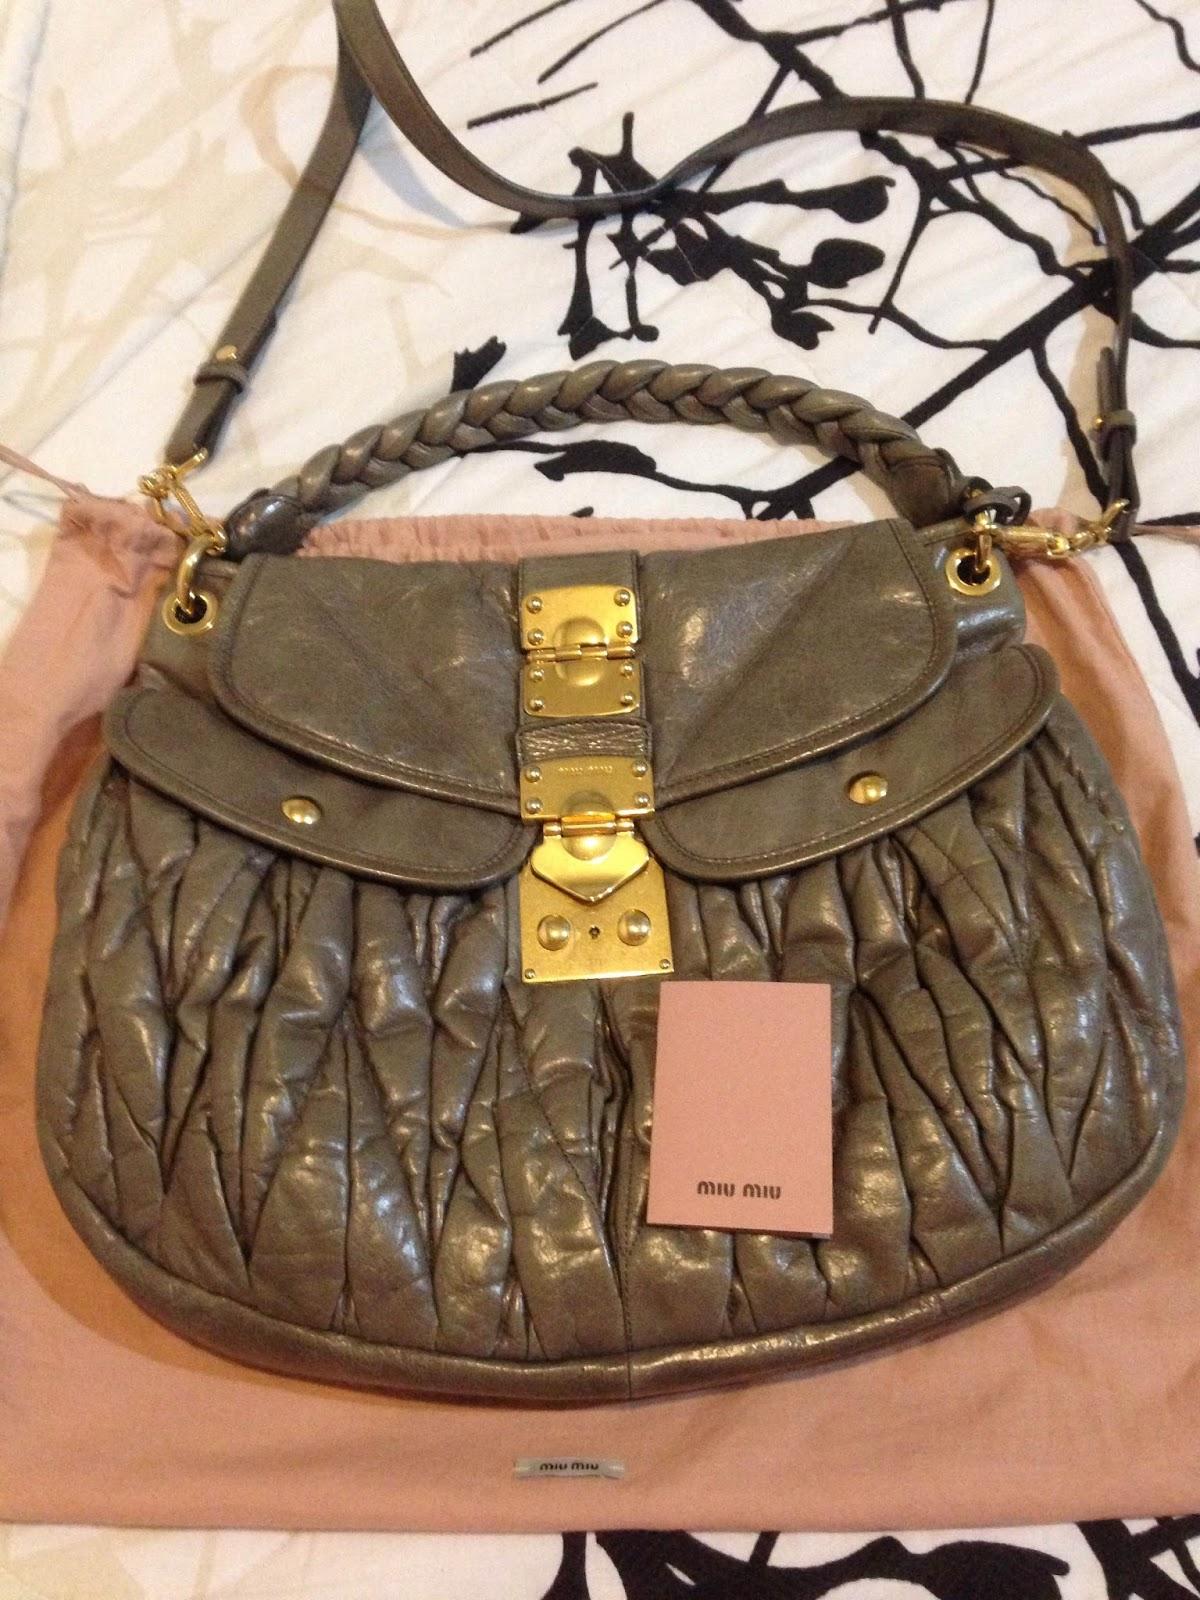 Miu Matelasse Coffer Bag For